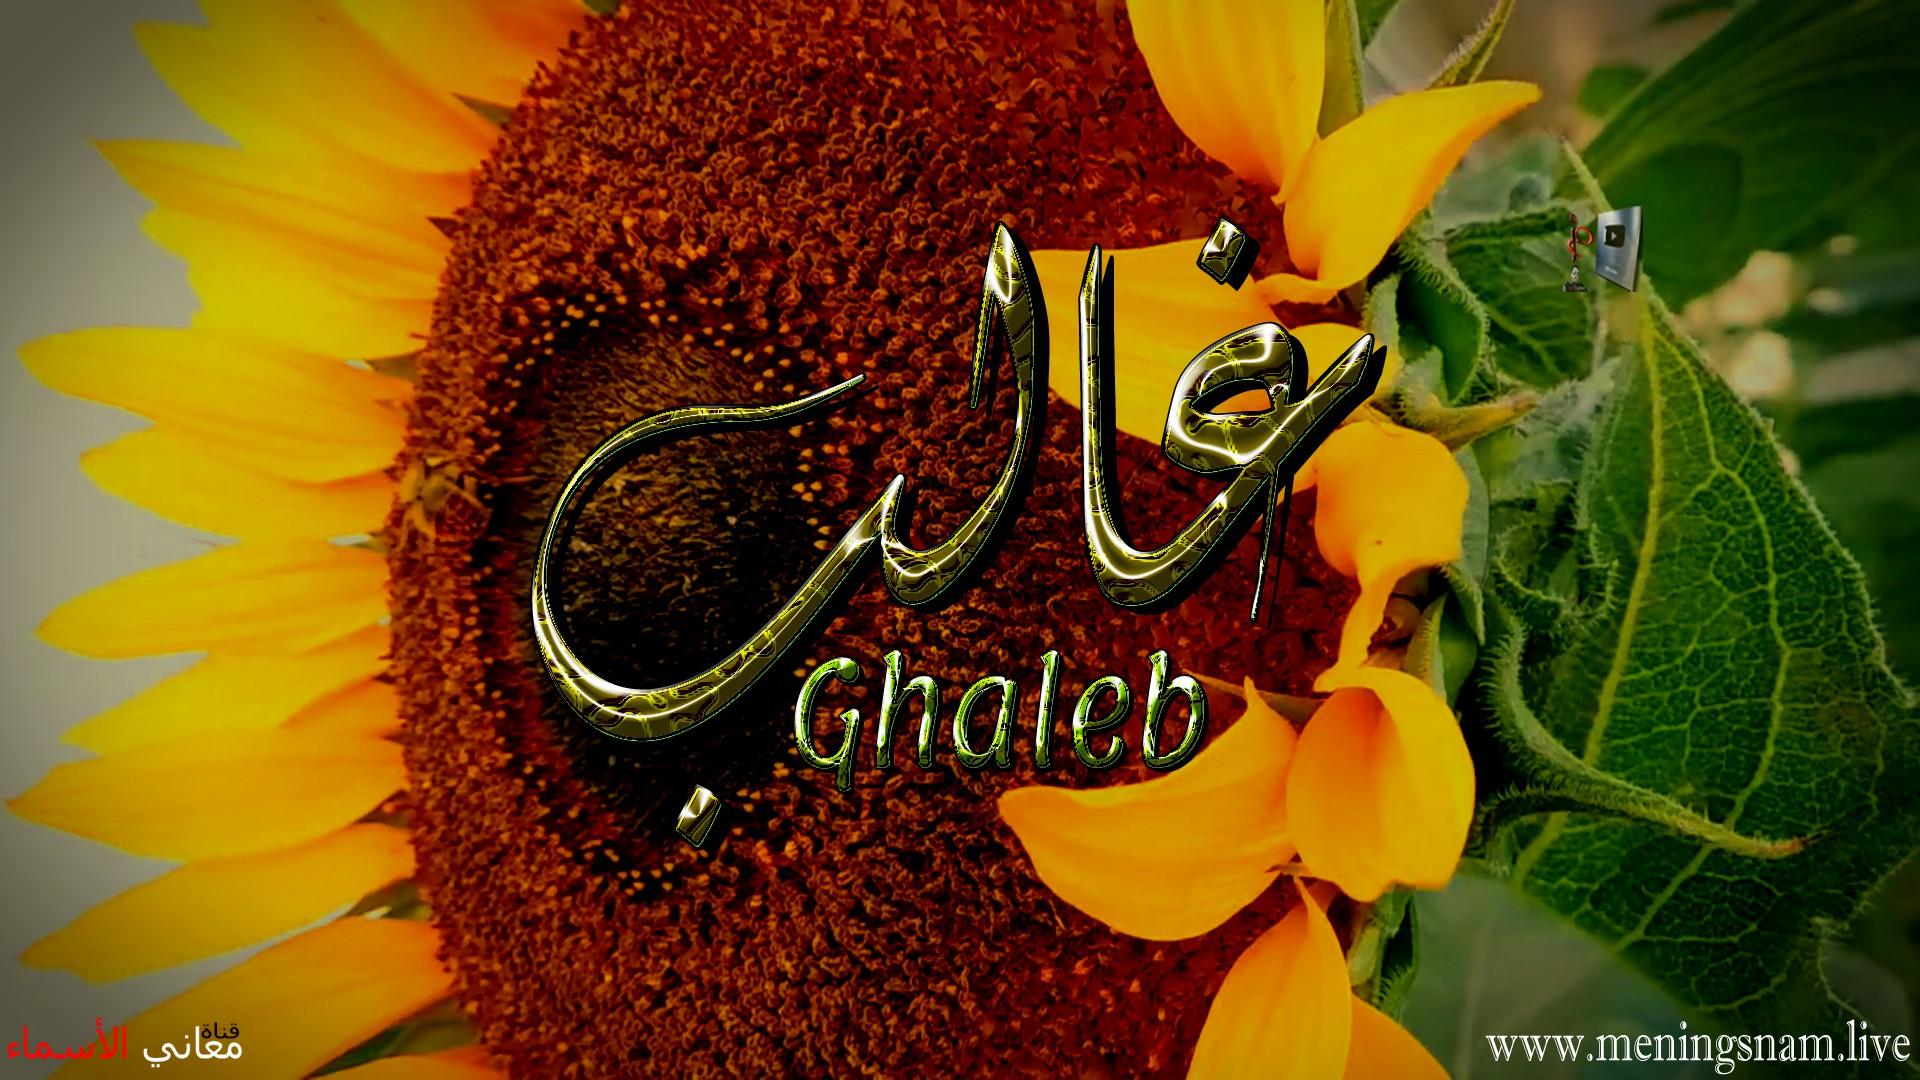 معنى اسم غالب وصفات حامل هذا الاسم ghaleb,